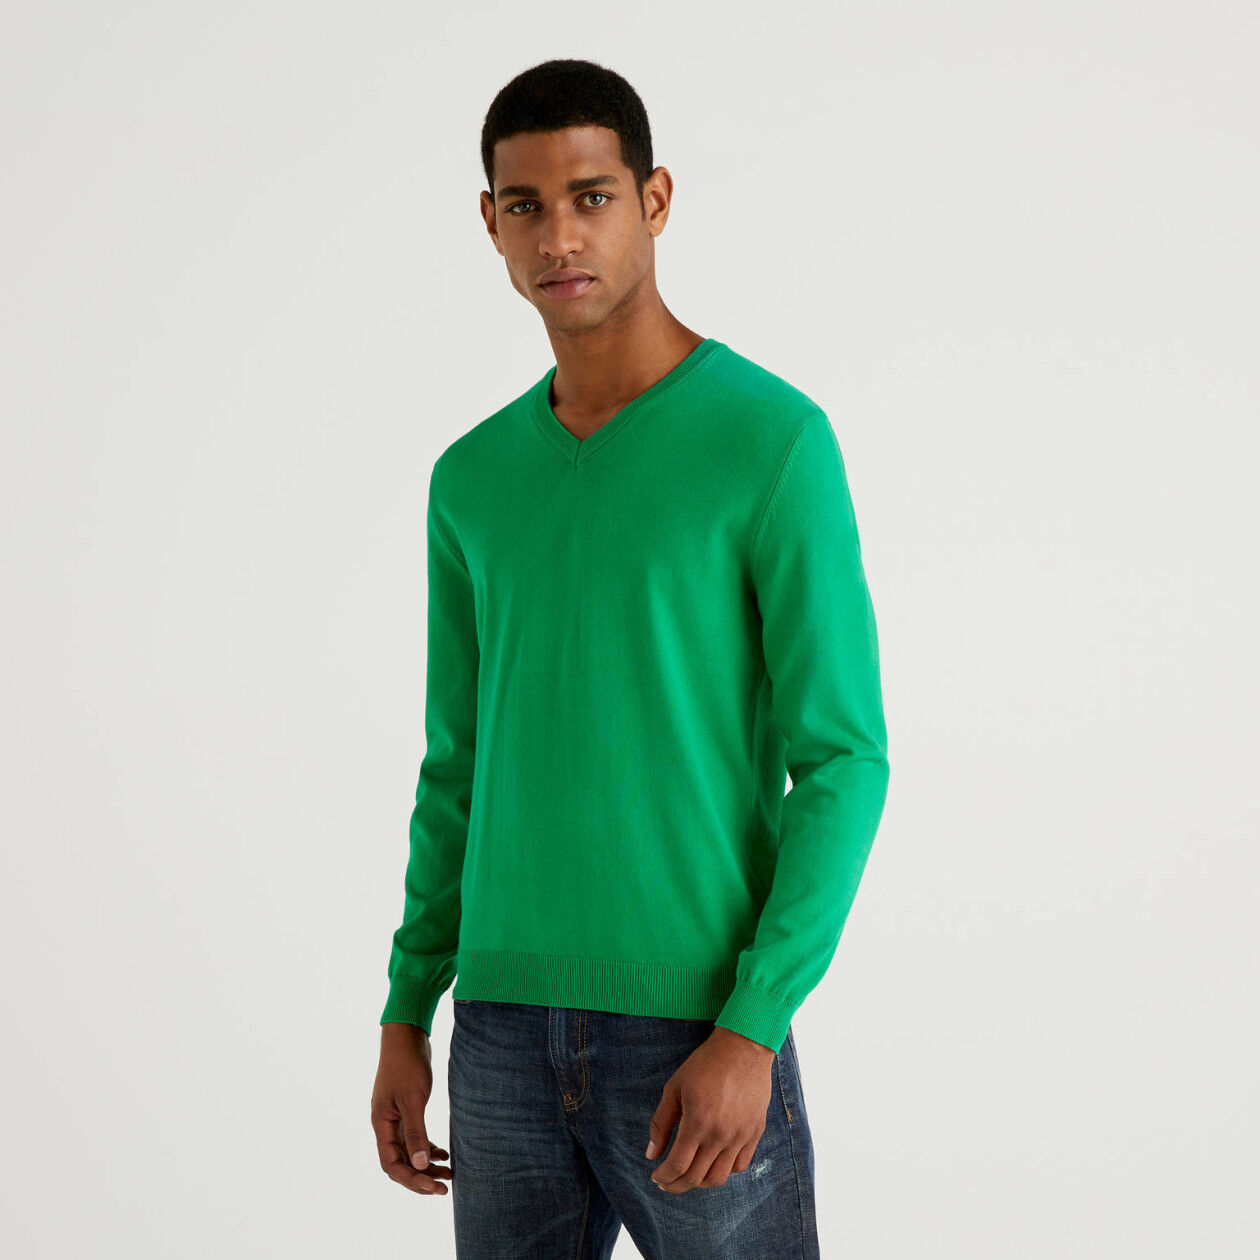 Jersey de 100% algodón con escote de pico